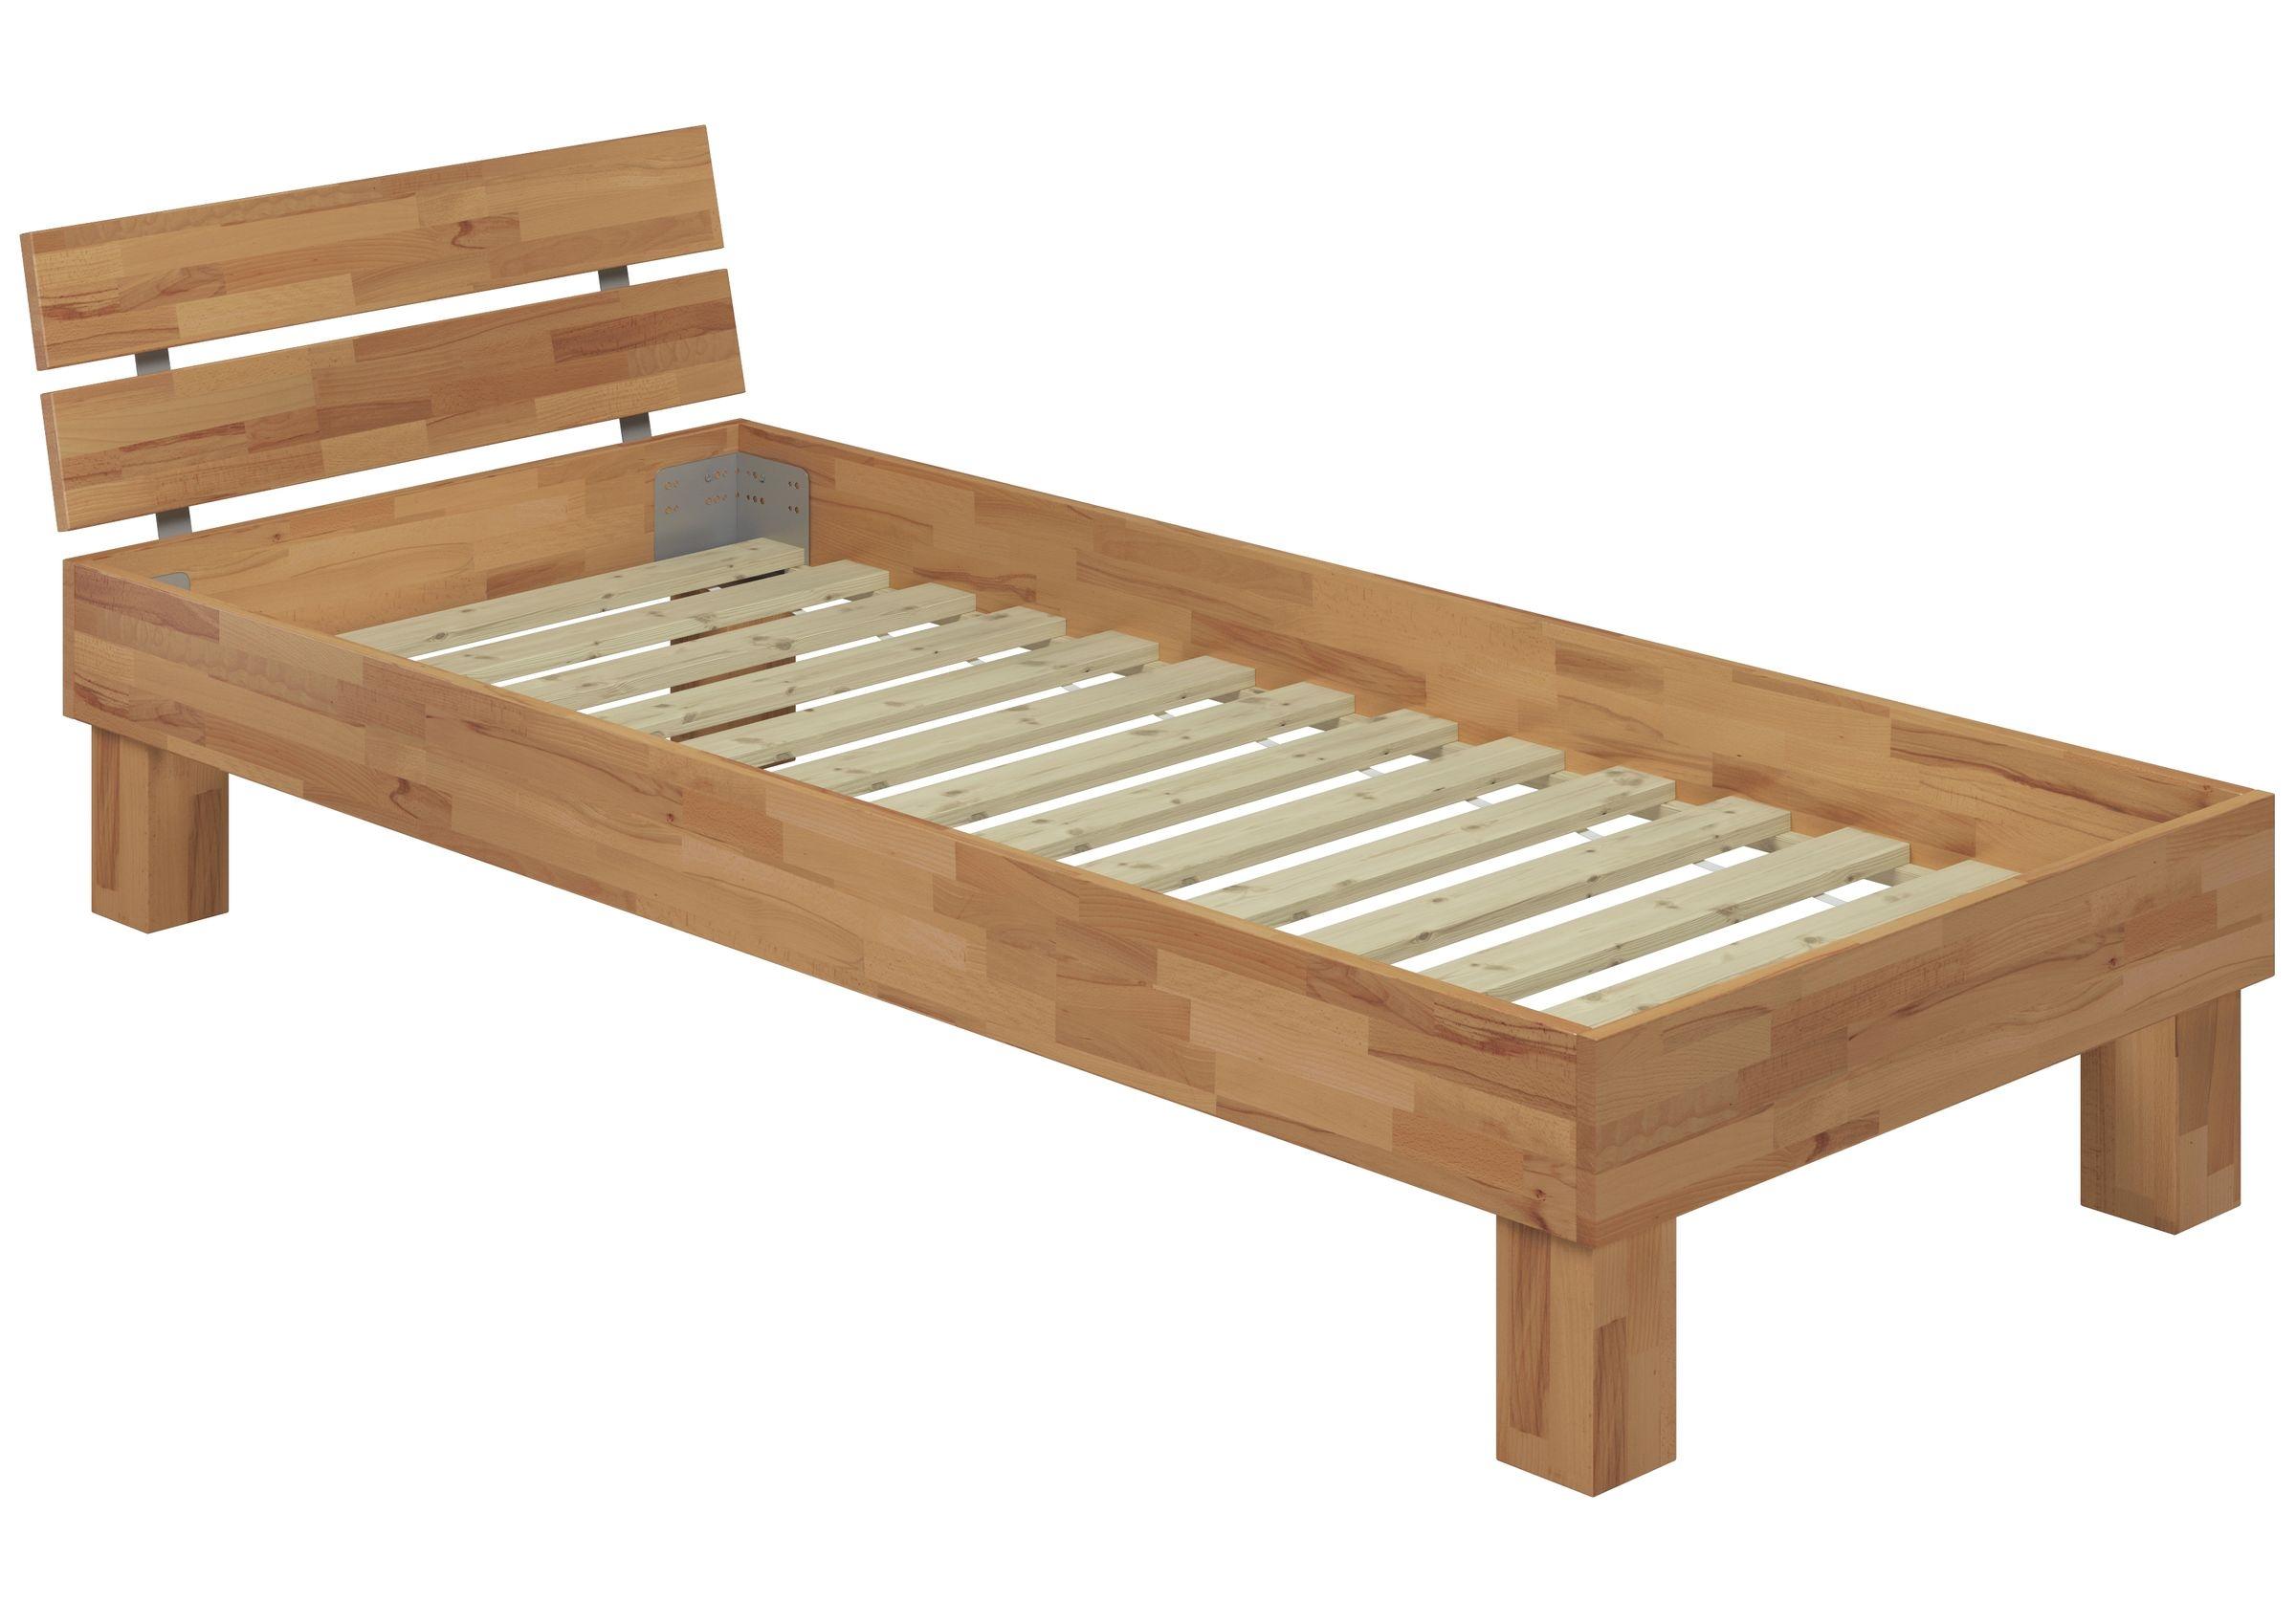 Full Size of Betten überlänge Ruf Preise Frankfurt Joop Innocent Outlet Amazon Günstig Kaufen 180x200 Amerikanische Kopfteile Für Xxl Poco Fabrikverkauf Ikea 160x200 Bett Betten überlänge